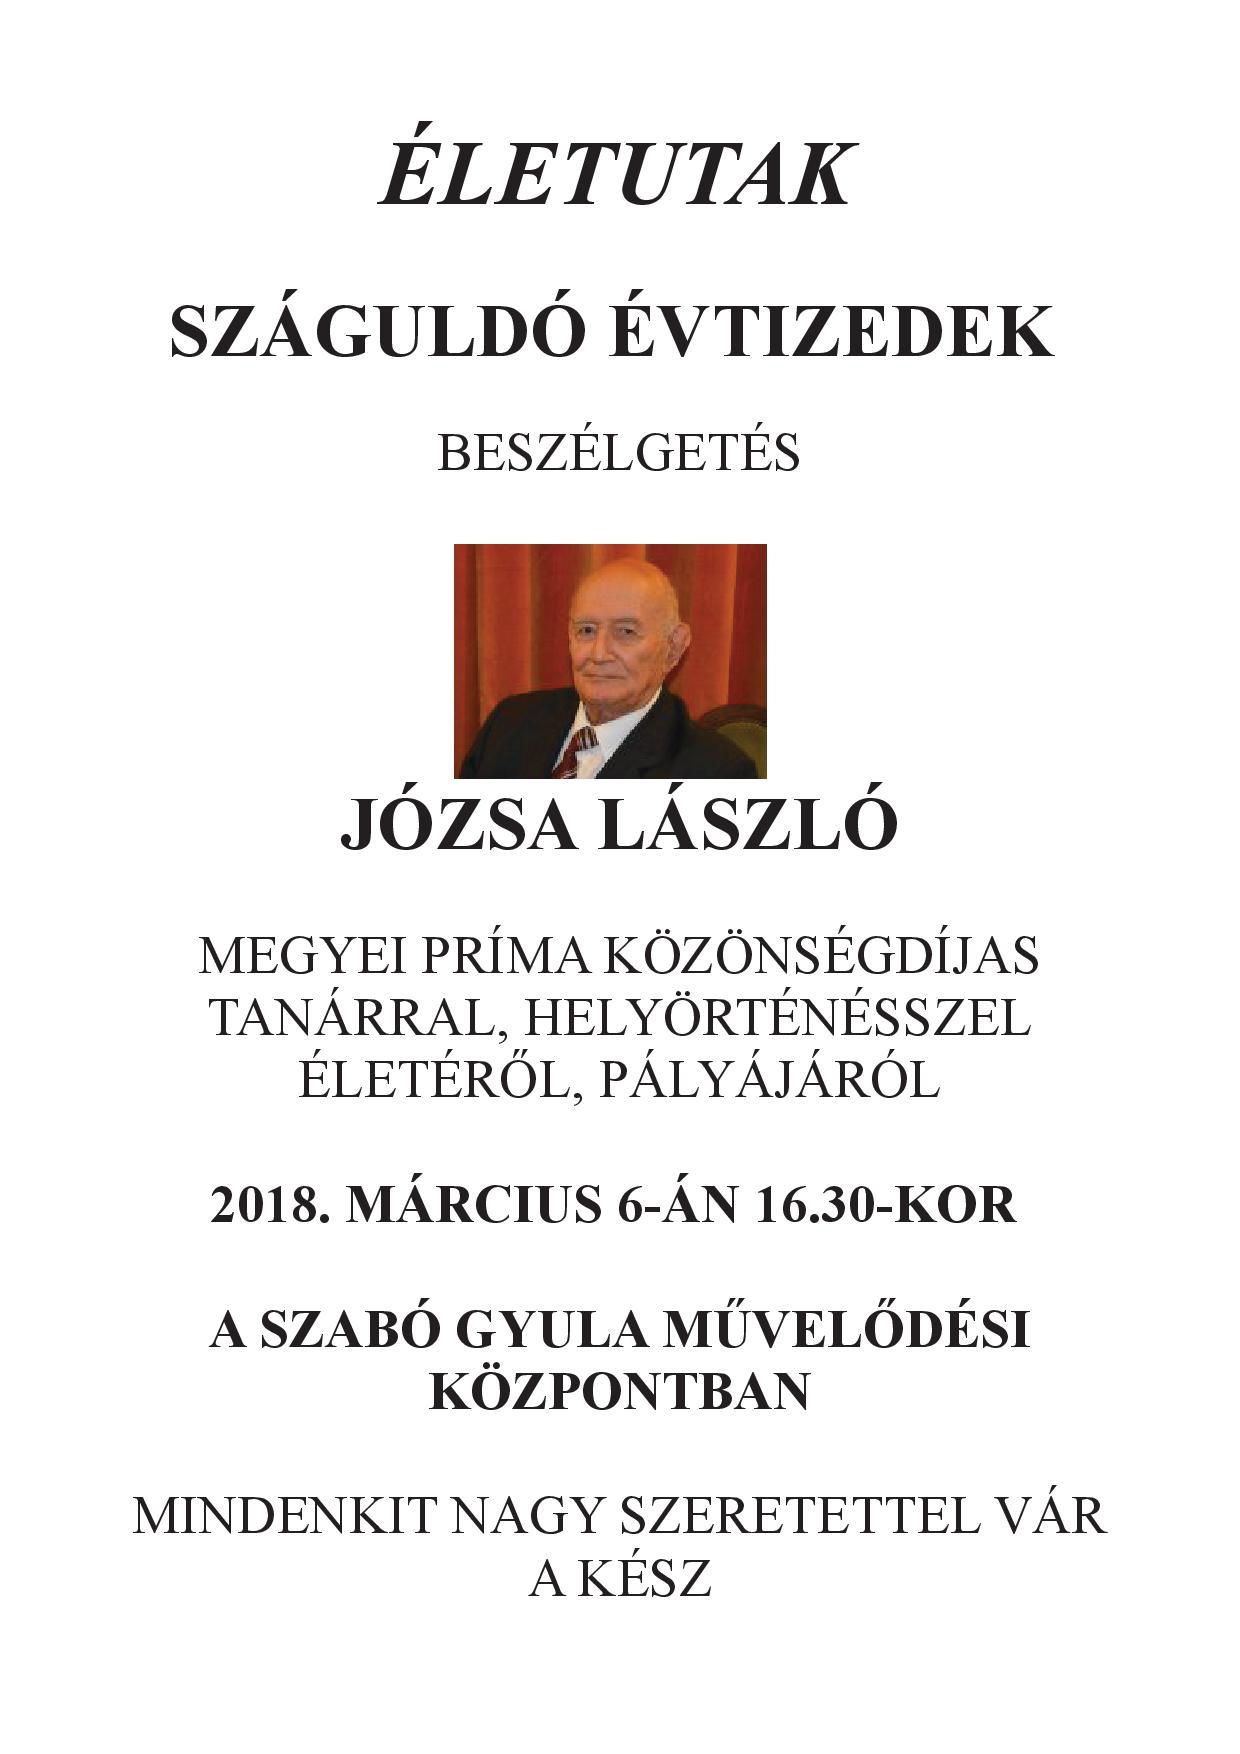 Életutak Józsa L.-001